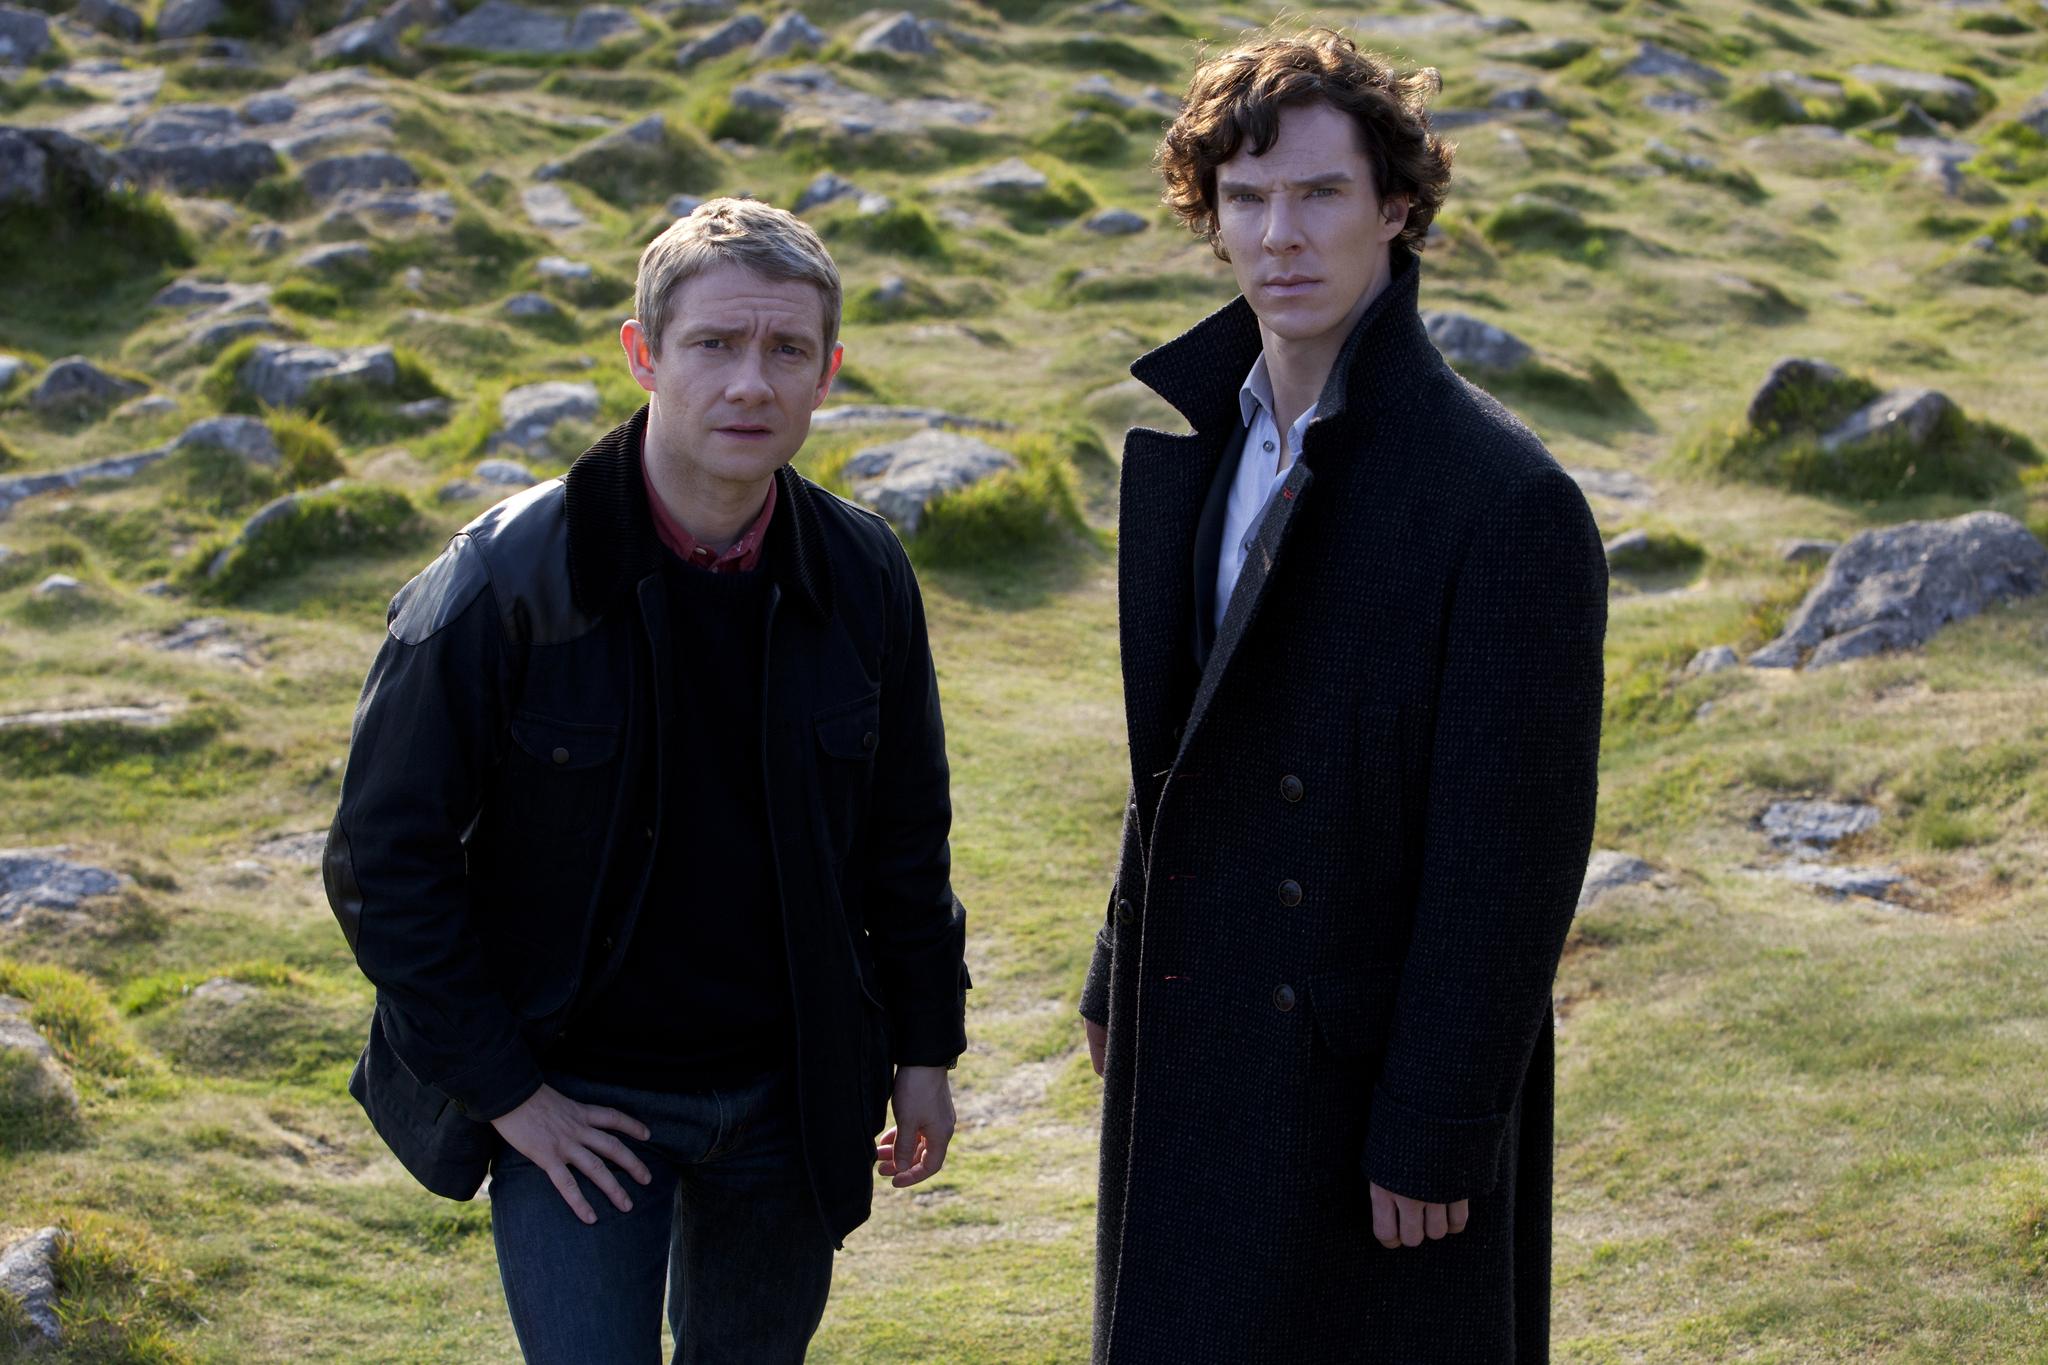 sherlock season 2 episode 2 subtitles download